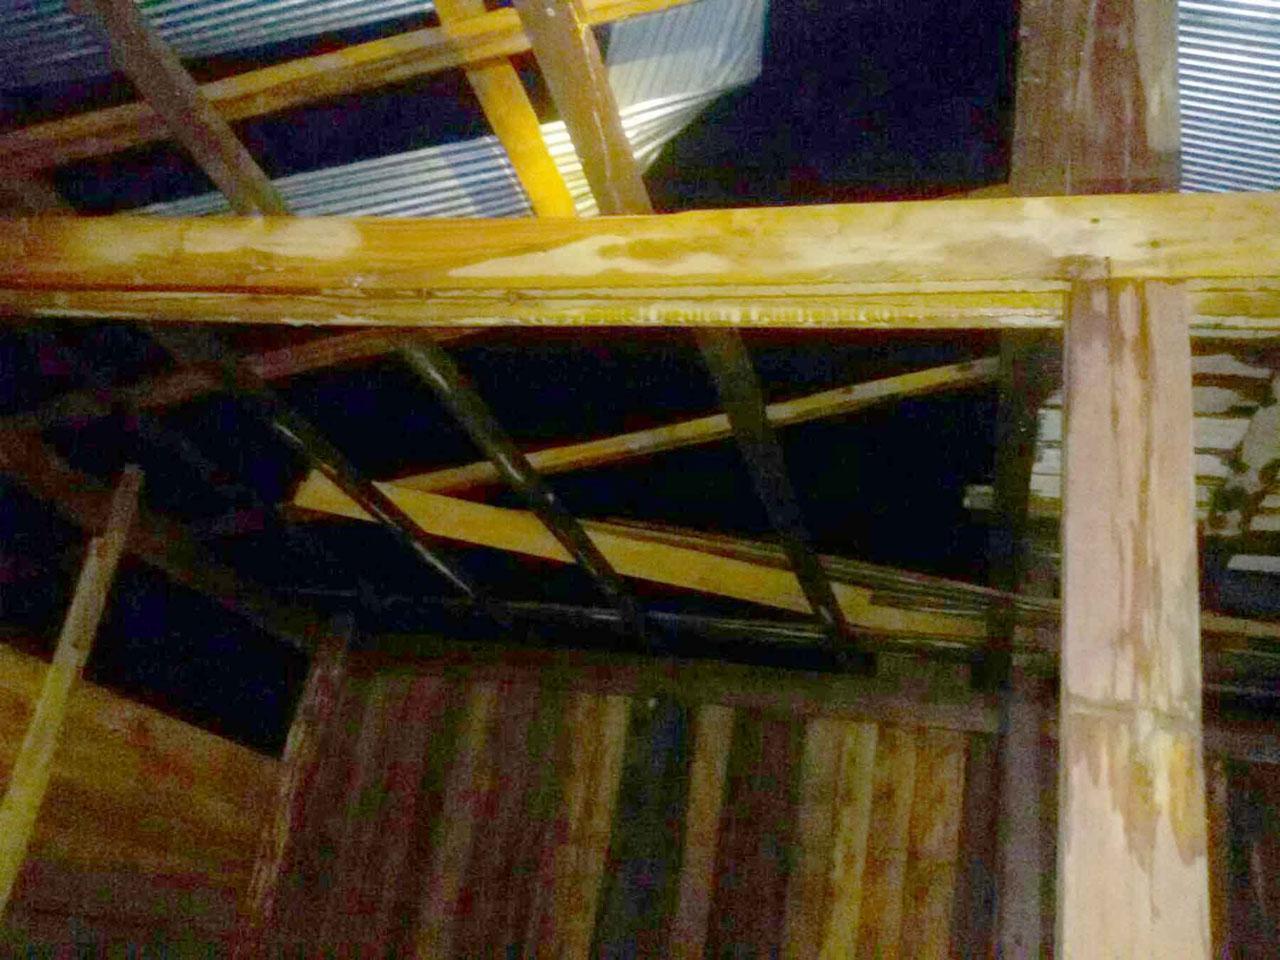 สภาพหลังคาบ้านของชาวบ้าน ตำบลนาพูน อำเภอวังชิ้น จังหวัดแพร่  ได้รับความเสียหาย